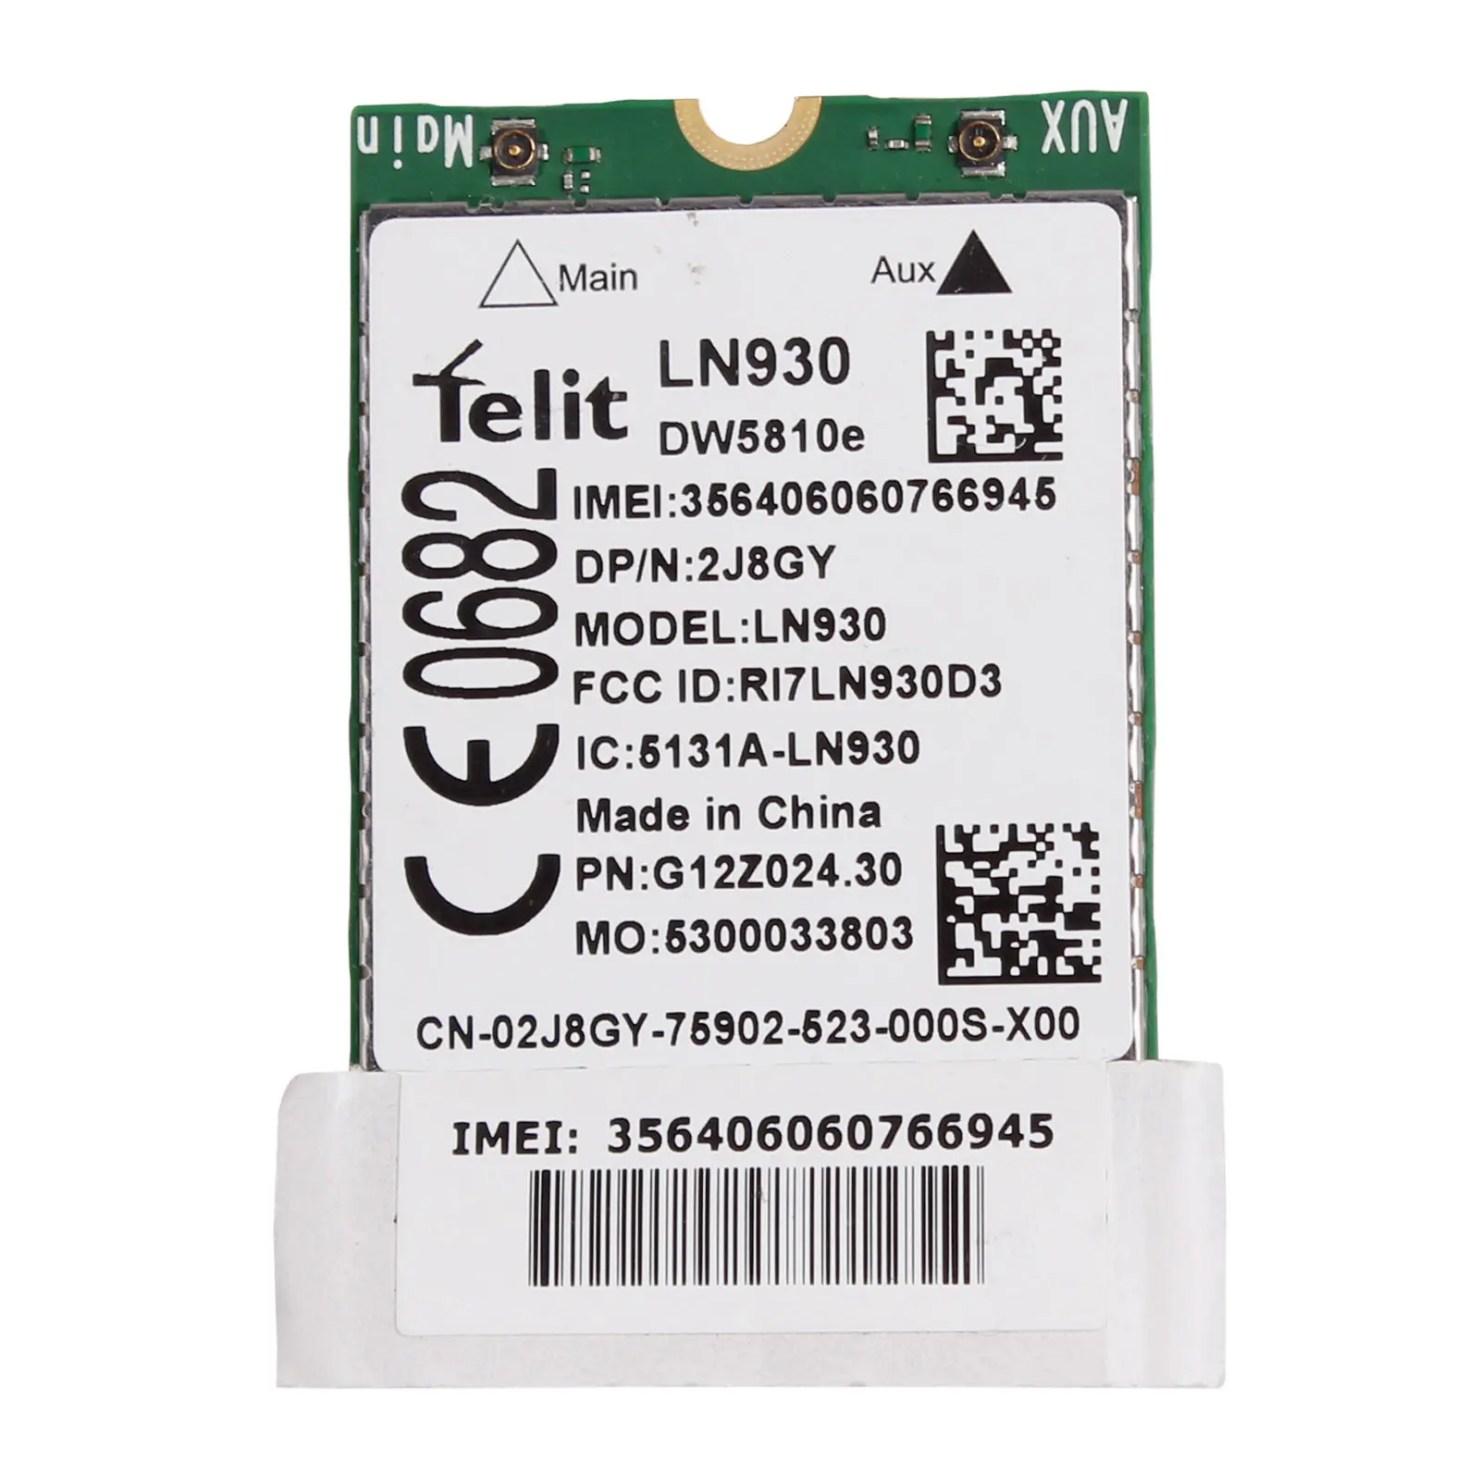 DELL 4G WWAN Card DW5810E 2J8GY 5X80D